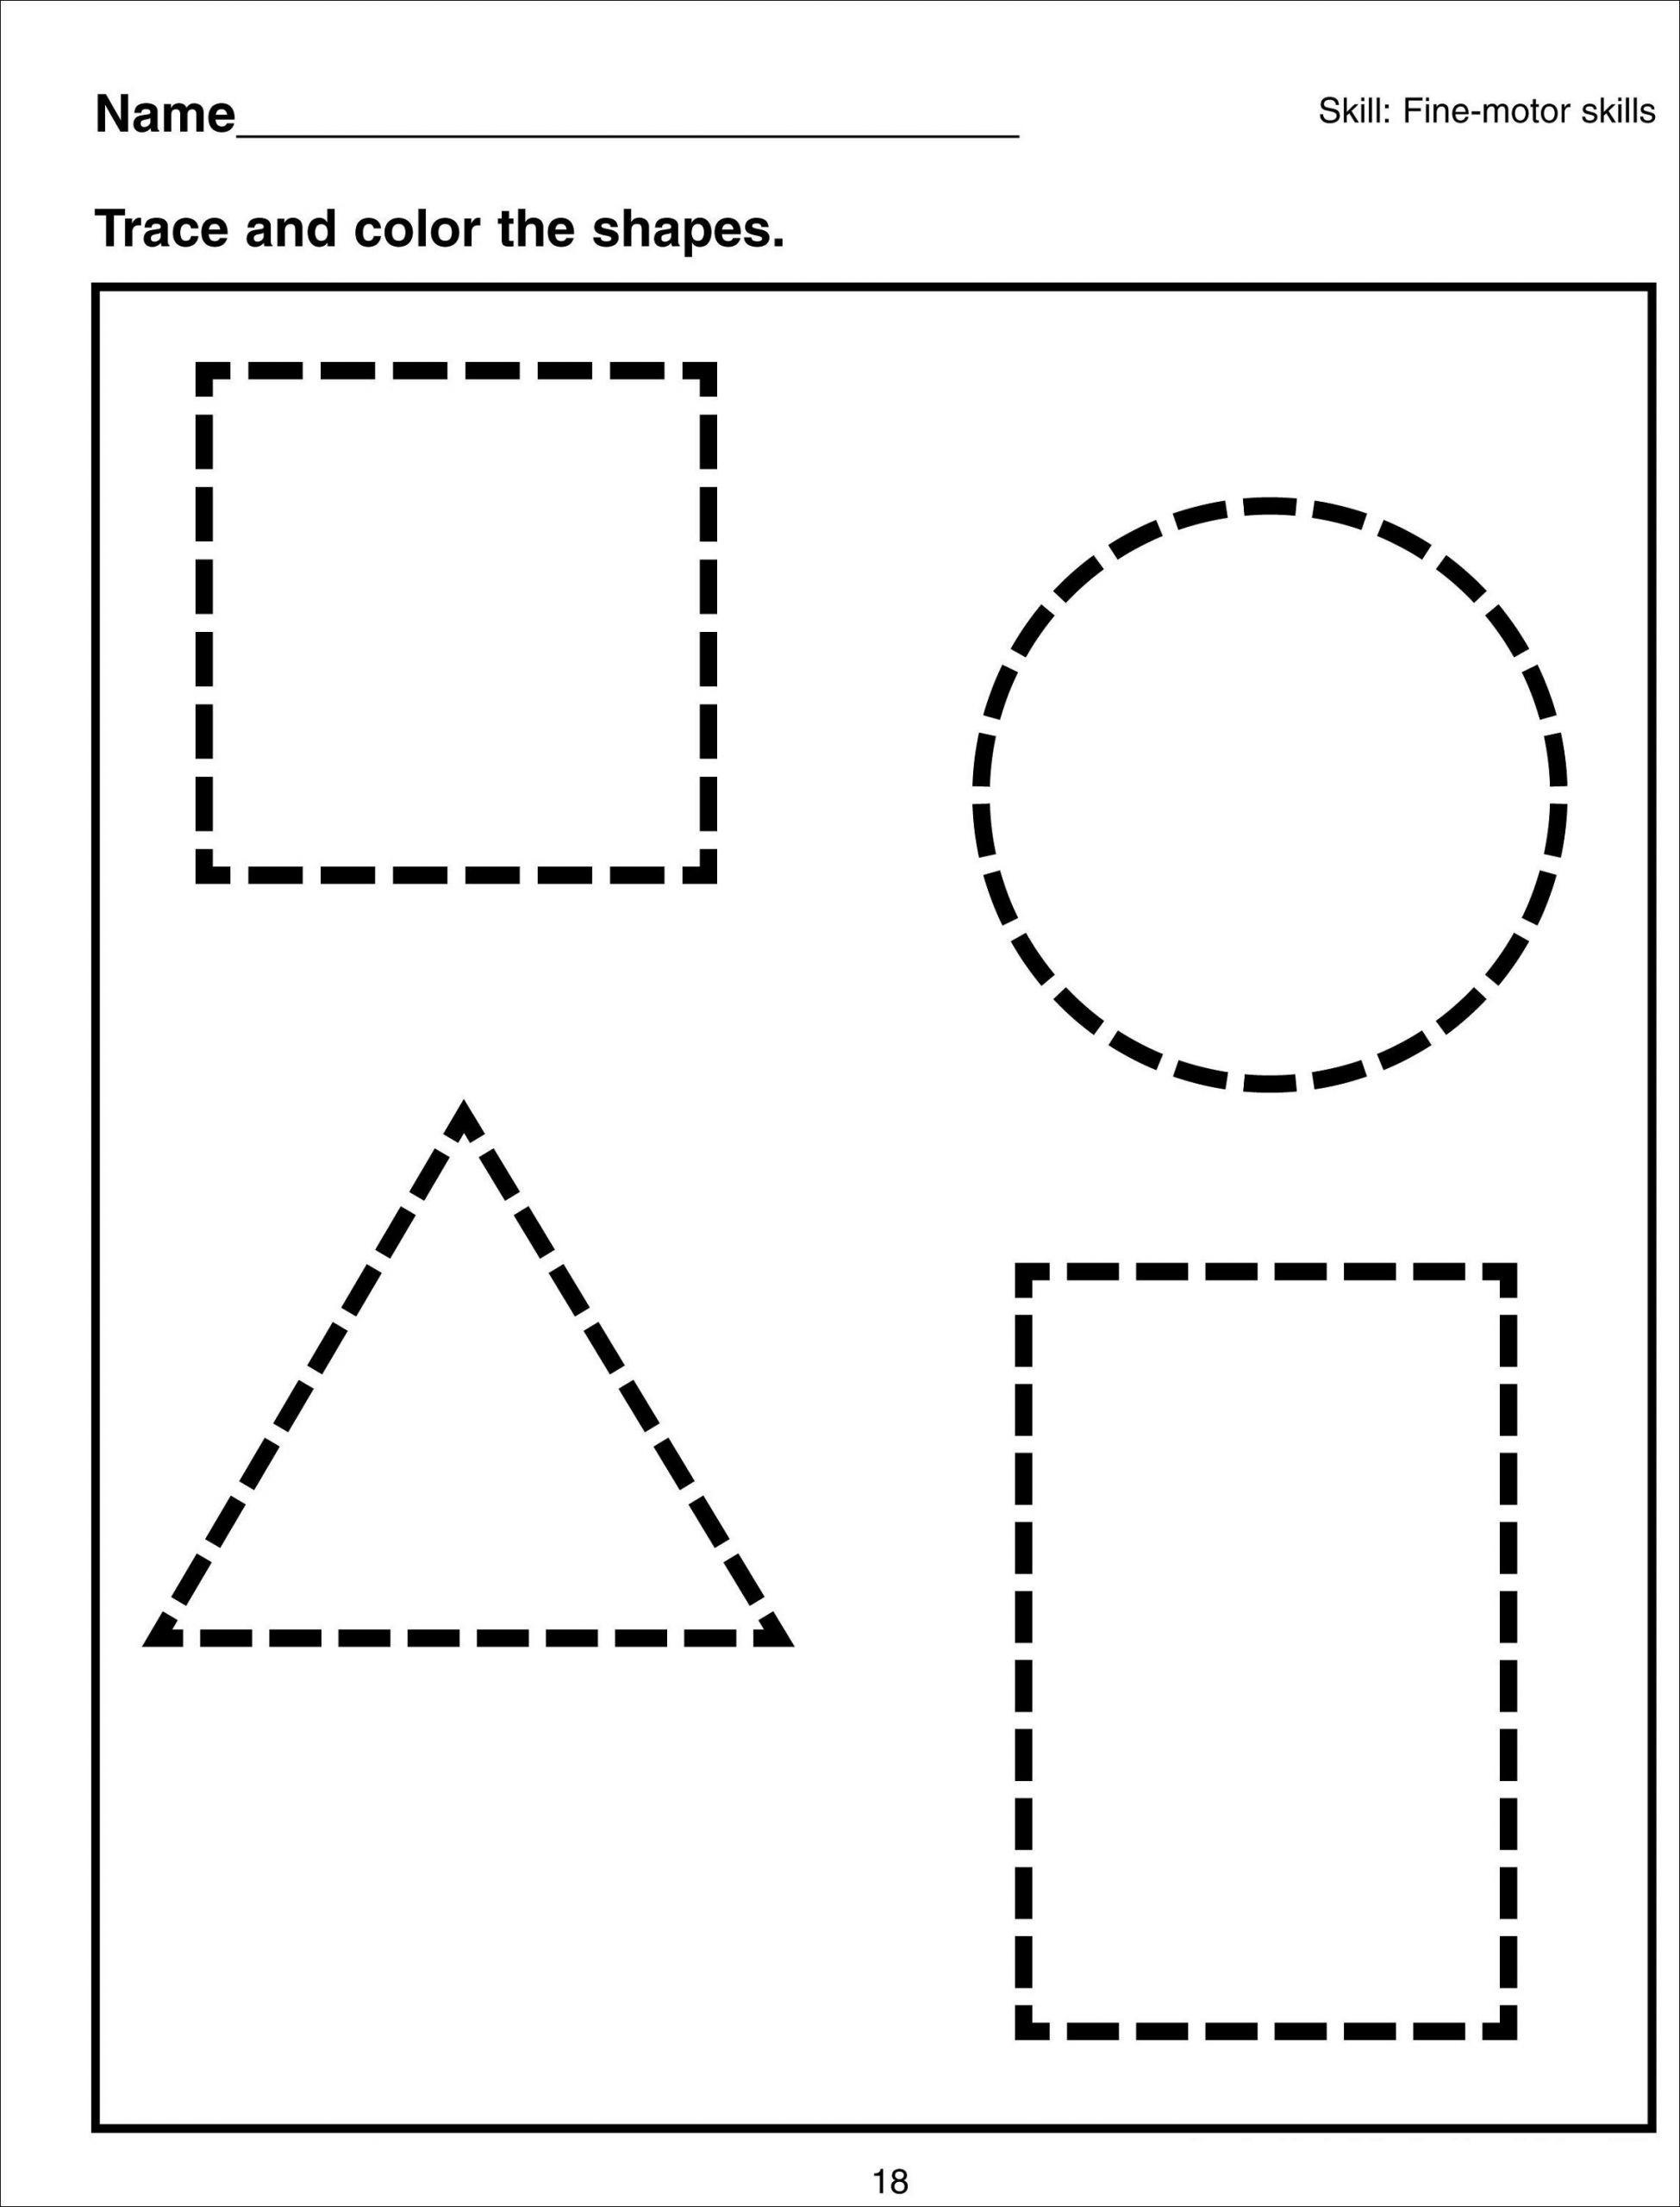 5 Senses Kindergarten Worksheets 4 Preschool Worksheets 5 Senses Worksheets Schools